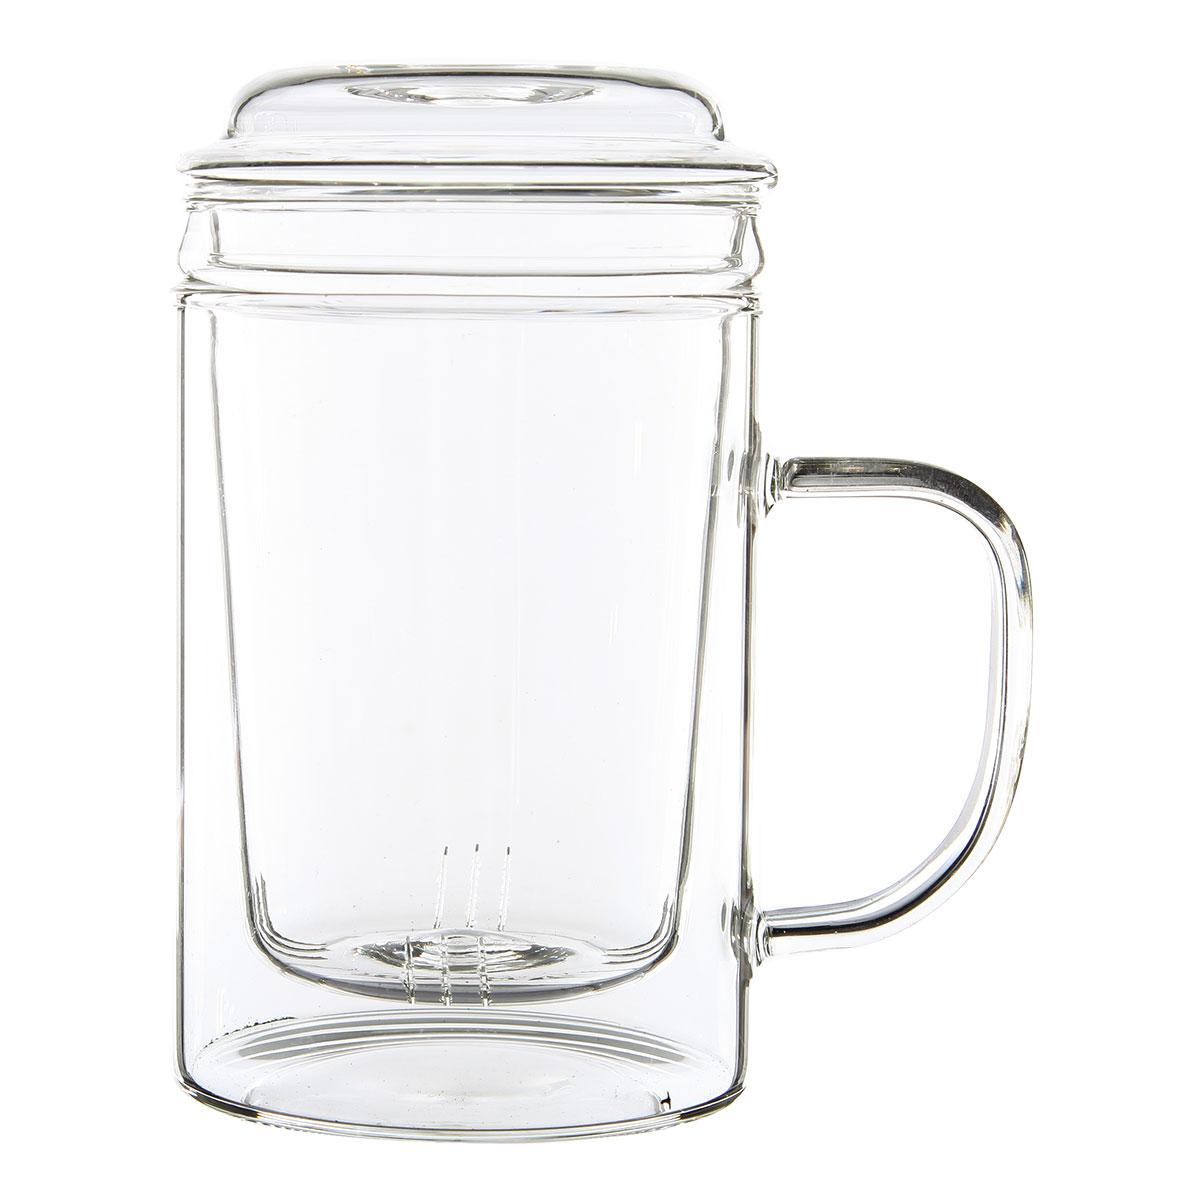 Заварочный стакан Нью-Йорк, 400 мл (уцененный товар) цена